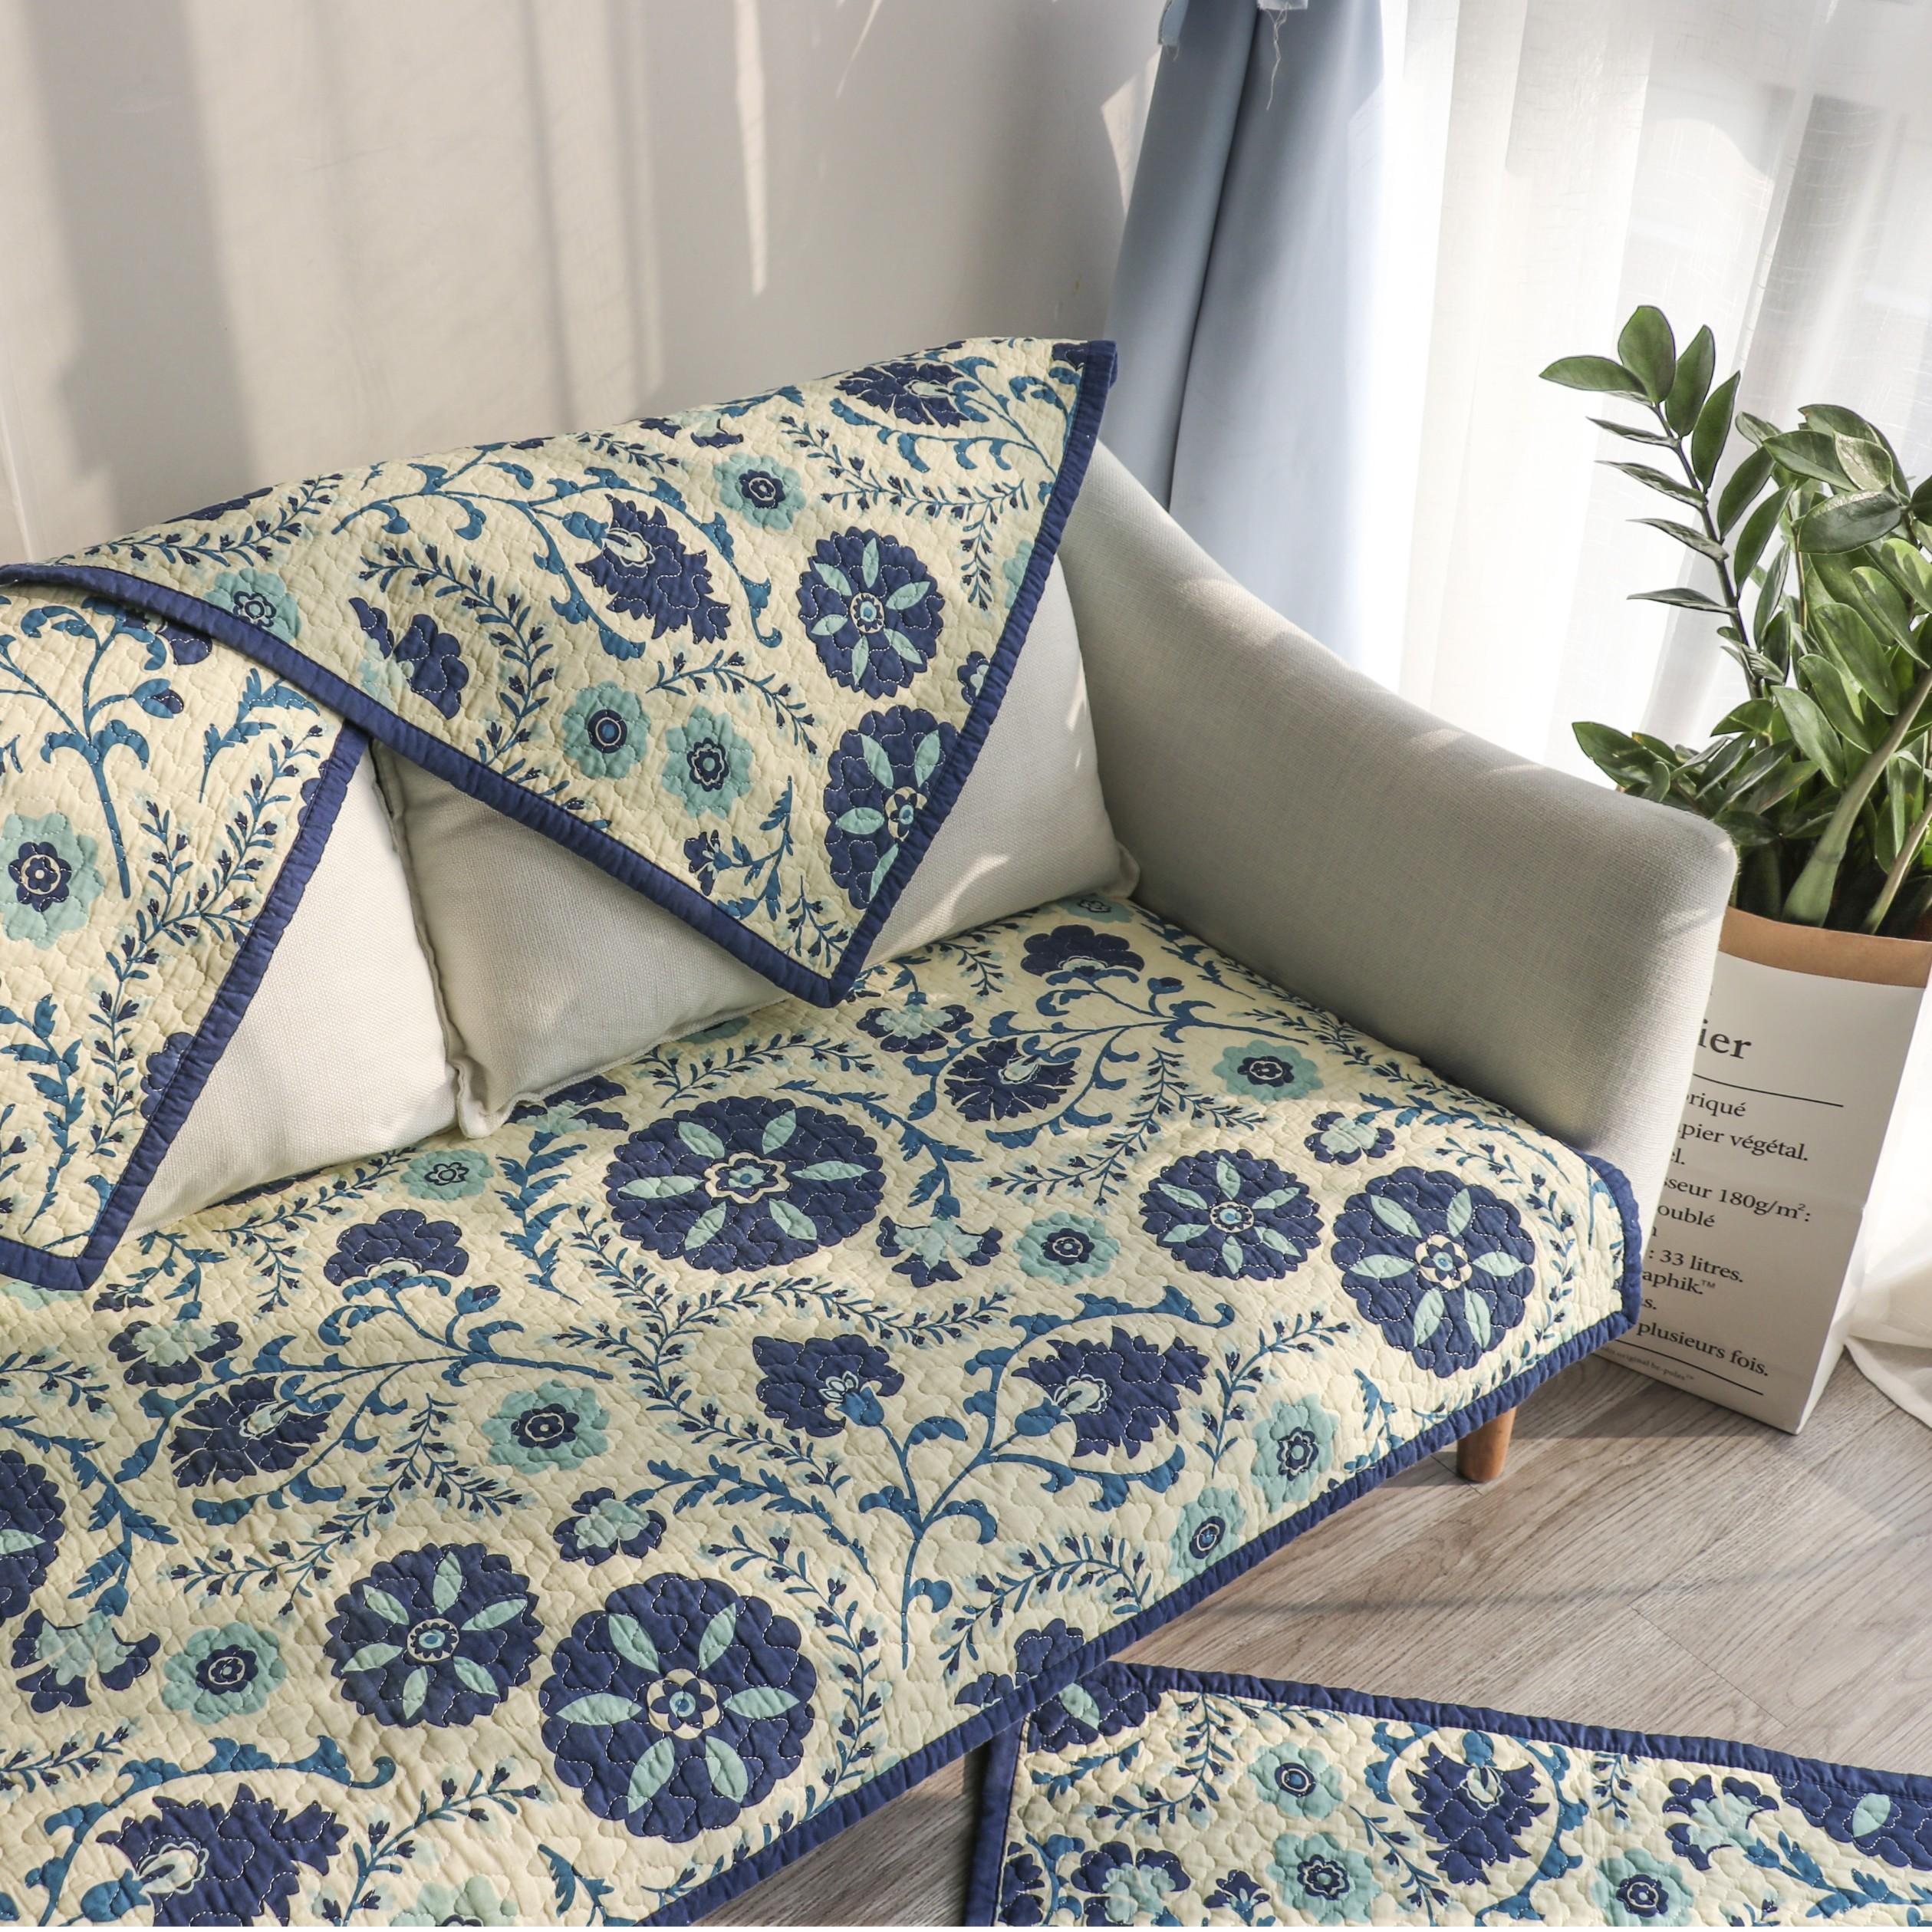 歐美式絎縫愛克託沙發墊布藝全棉沙發巾飄窗墊防滑坐墊四季通用墊